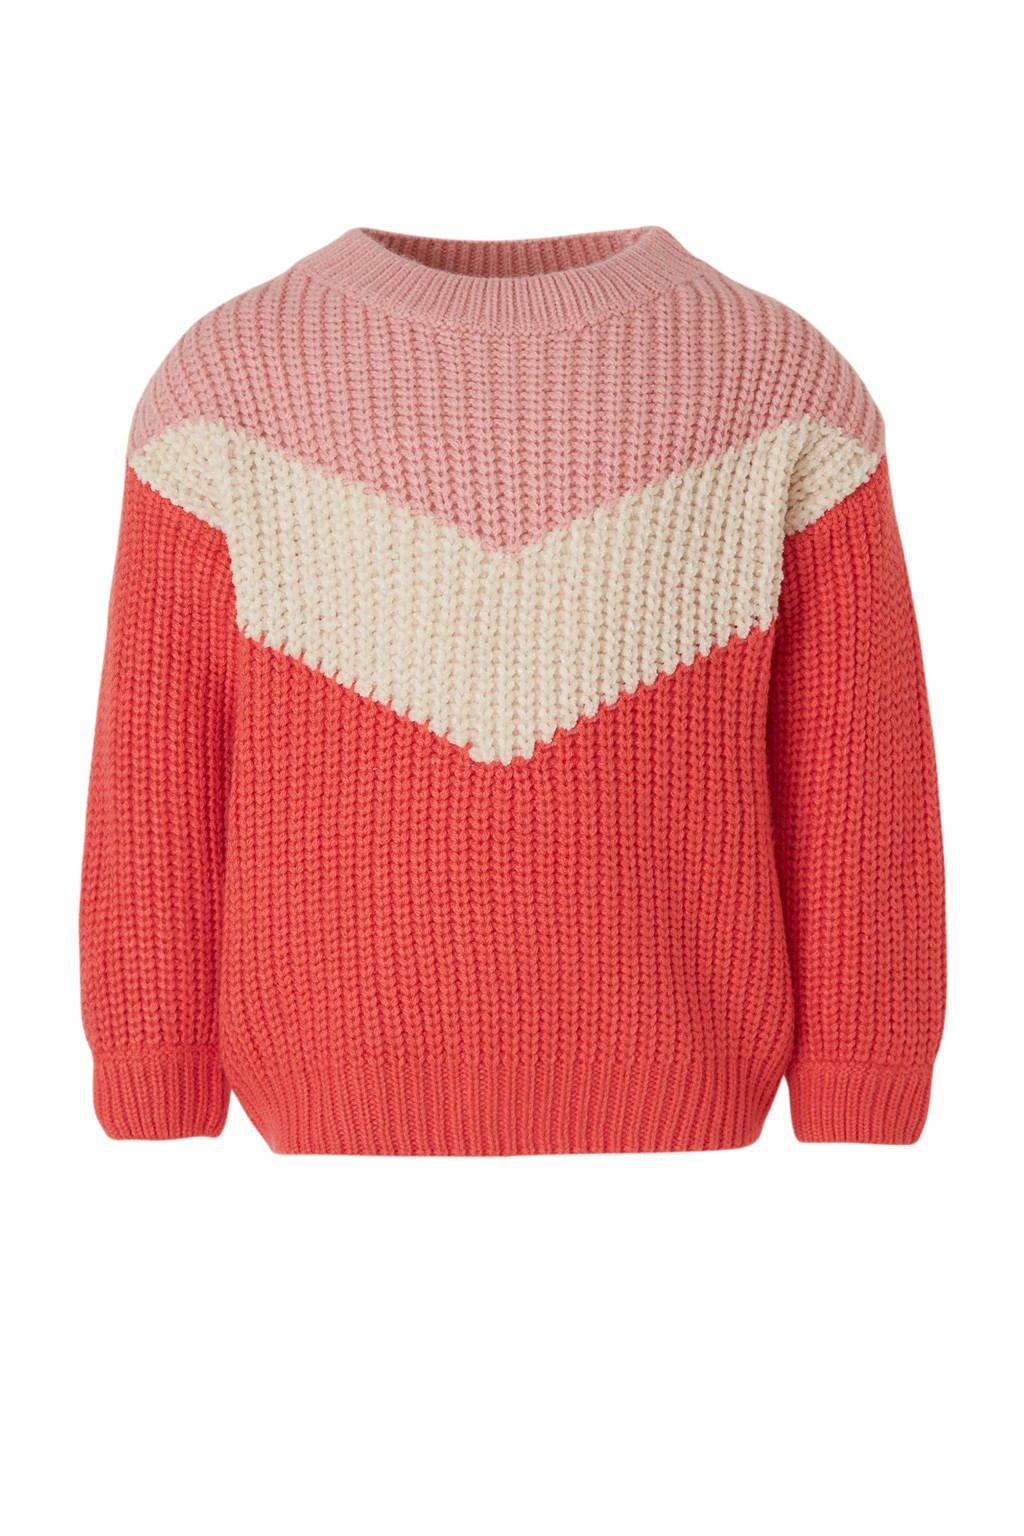 C&A Palomino gebreide trui rood/beige/roze, Rood/beige/roze